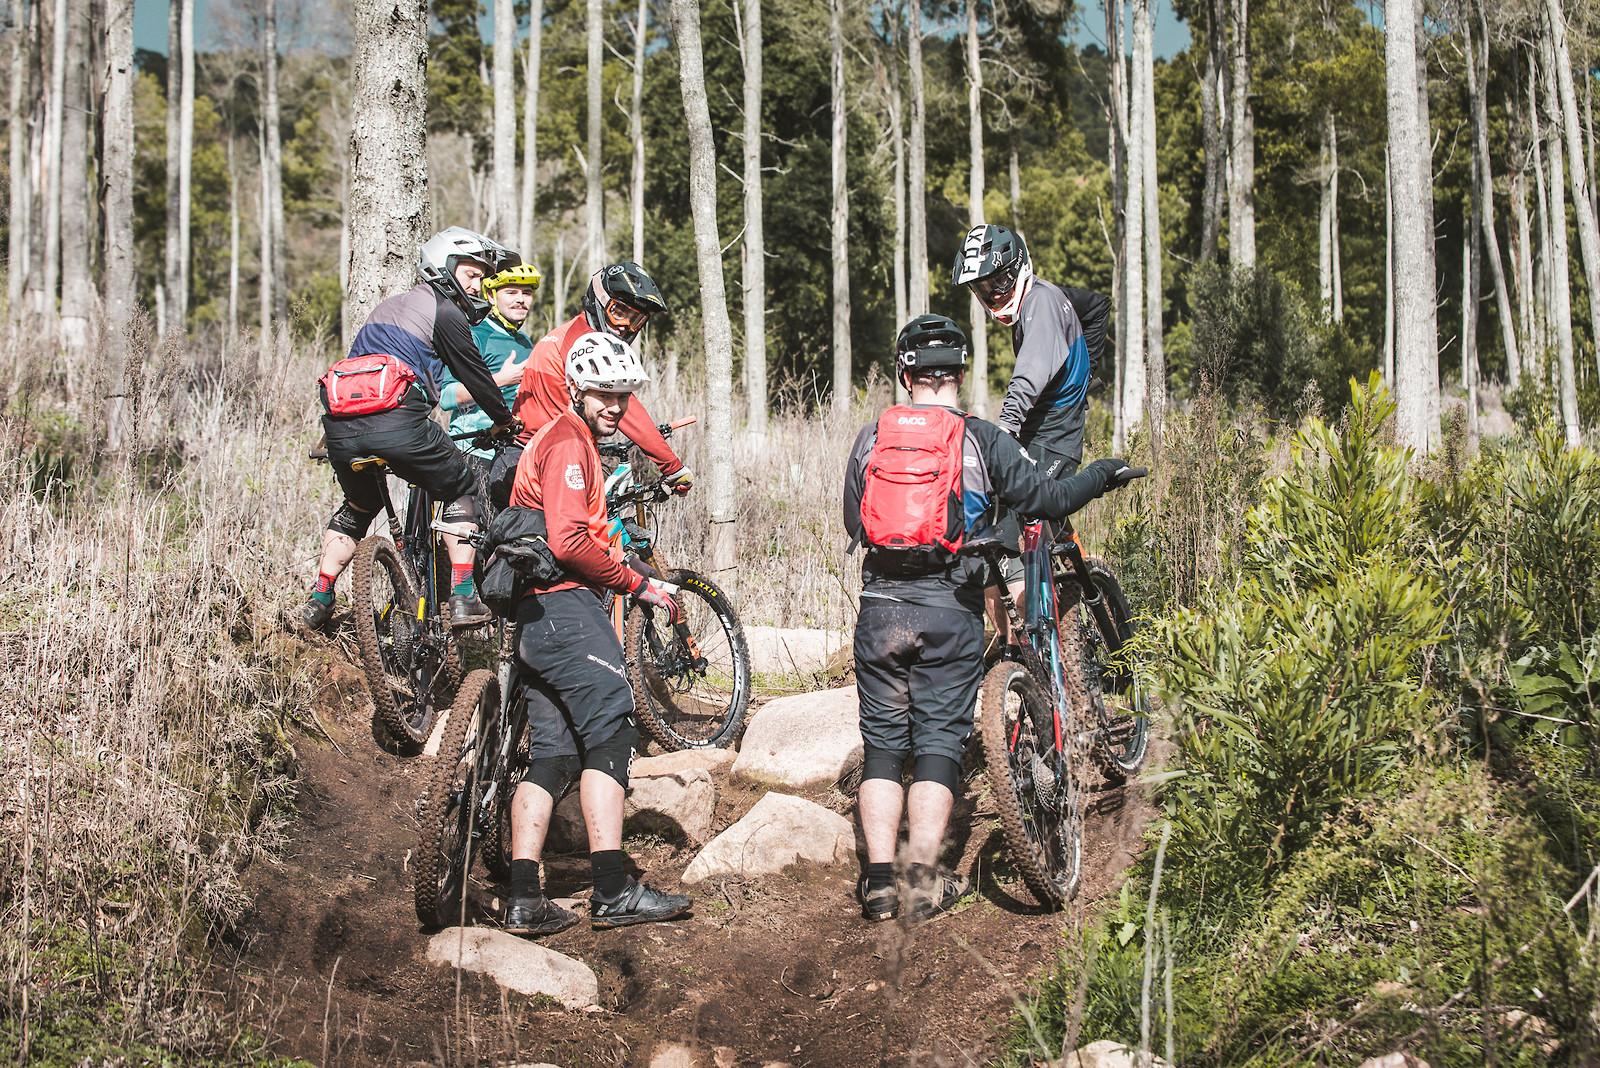 824D4895-697A-4B91-9F2D-7D45C3492206 - Henrique_Monteiro - Mountain Biking Pictures - Vital MTB